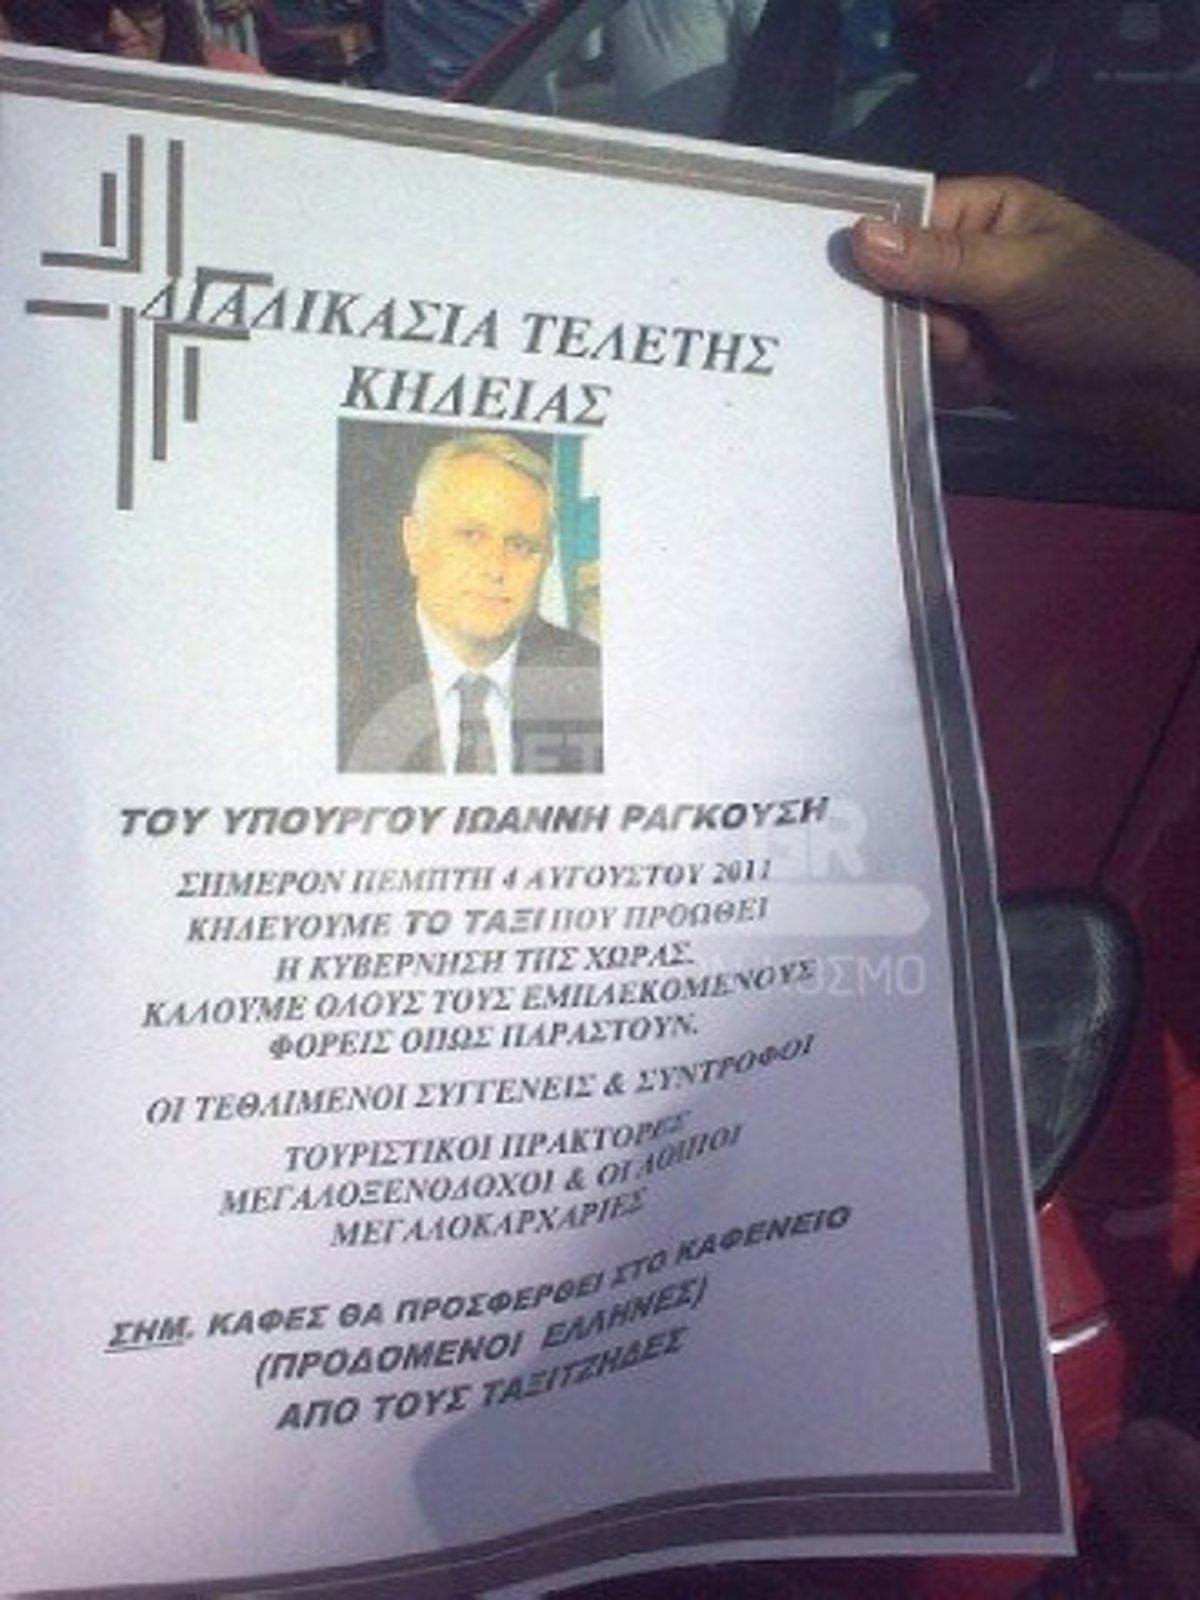 Κάποιοι έχουν ξεφύγει τελείως – Ετοιμάζουν κηδεία στον Ραγκούση | Newsit.gr